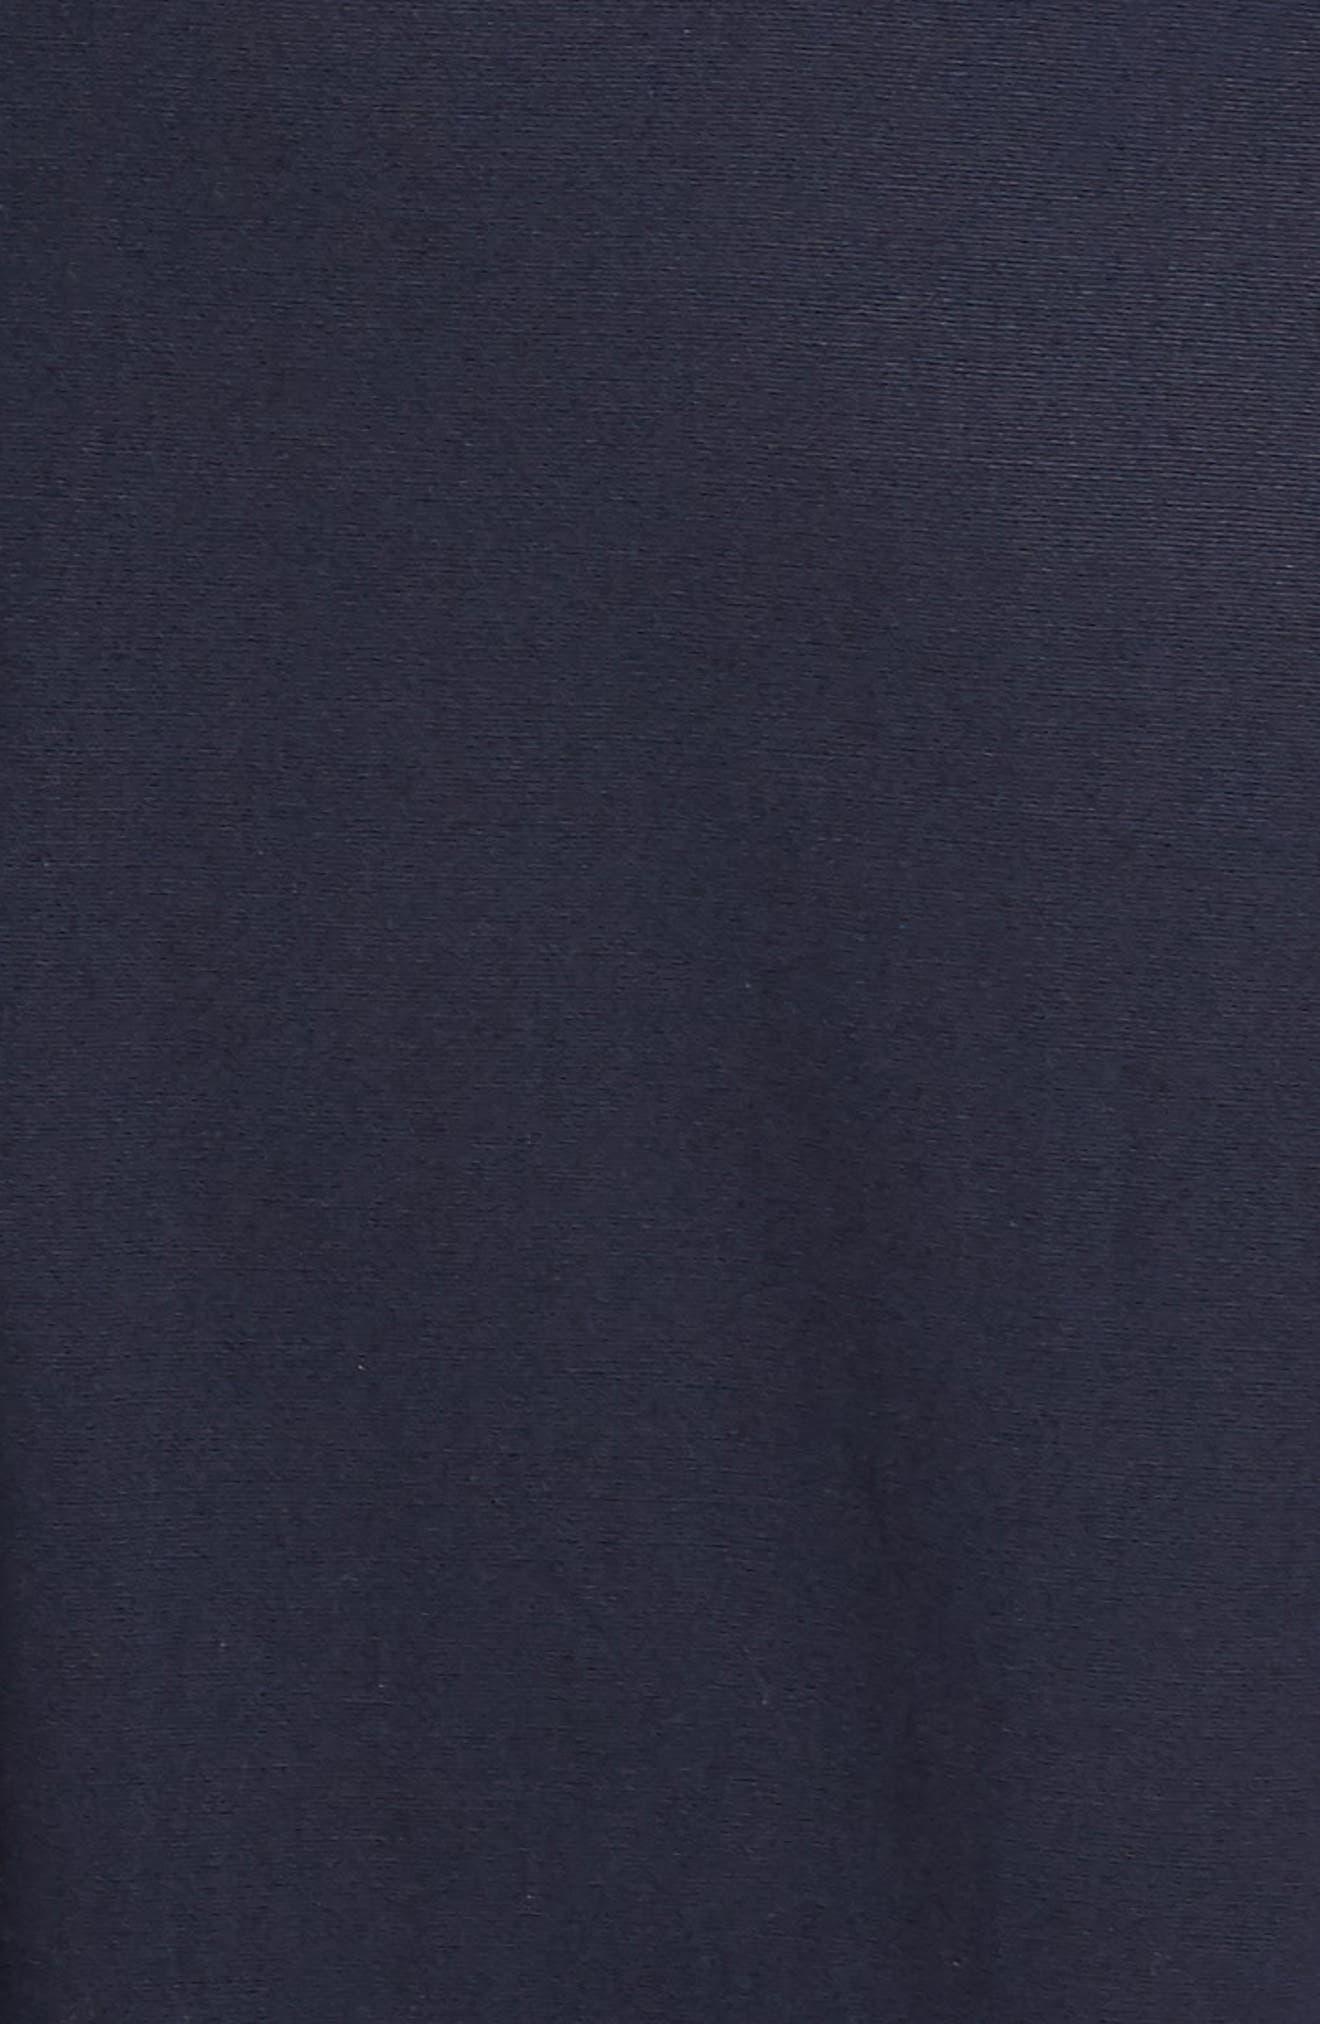 Pleat Collar Sleeveless Jumpsuit,                             Alternate thumbnail 6, color,                             NAVY